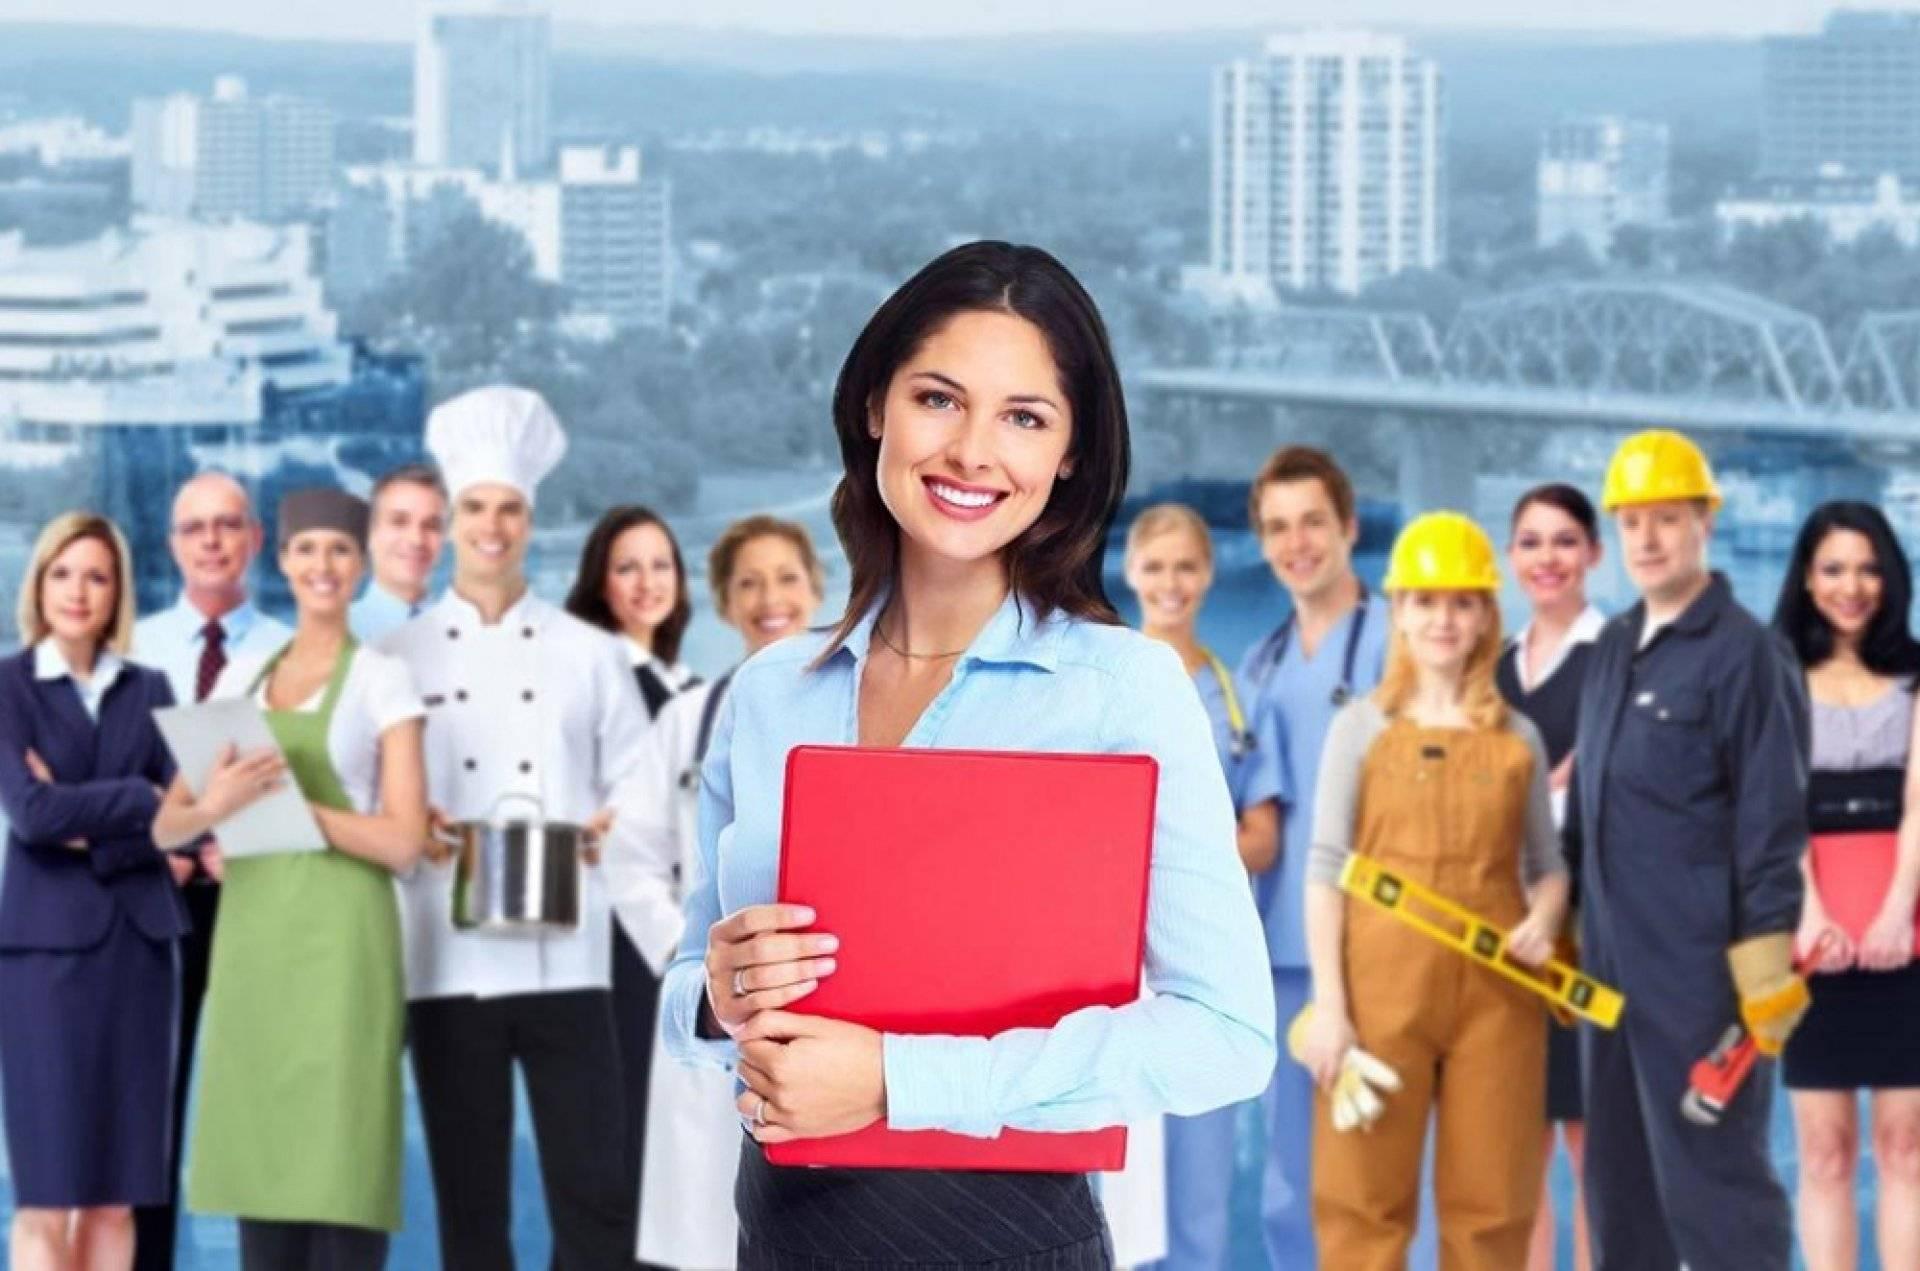 Самые перспективные профессии рынка труда 2020-2025 года - бизнес-журнал b-mag